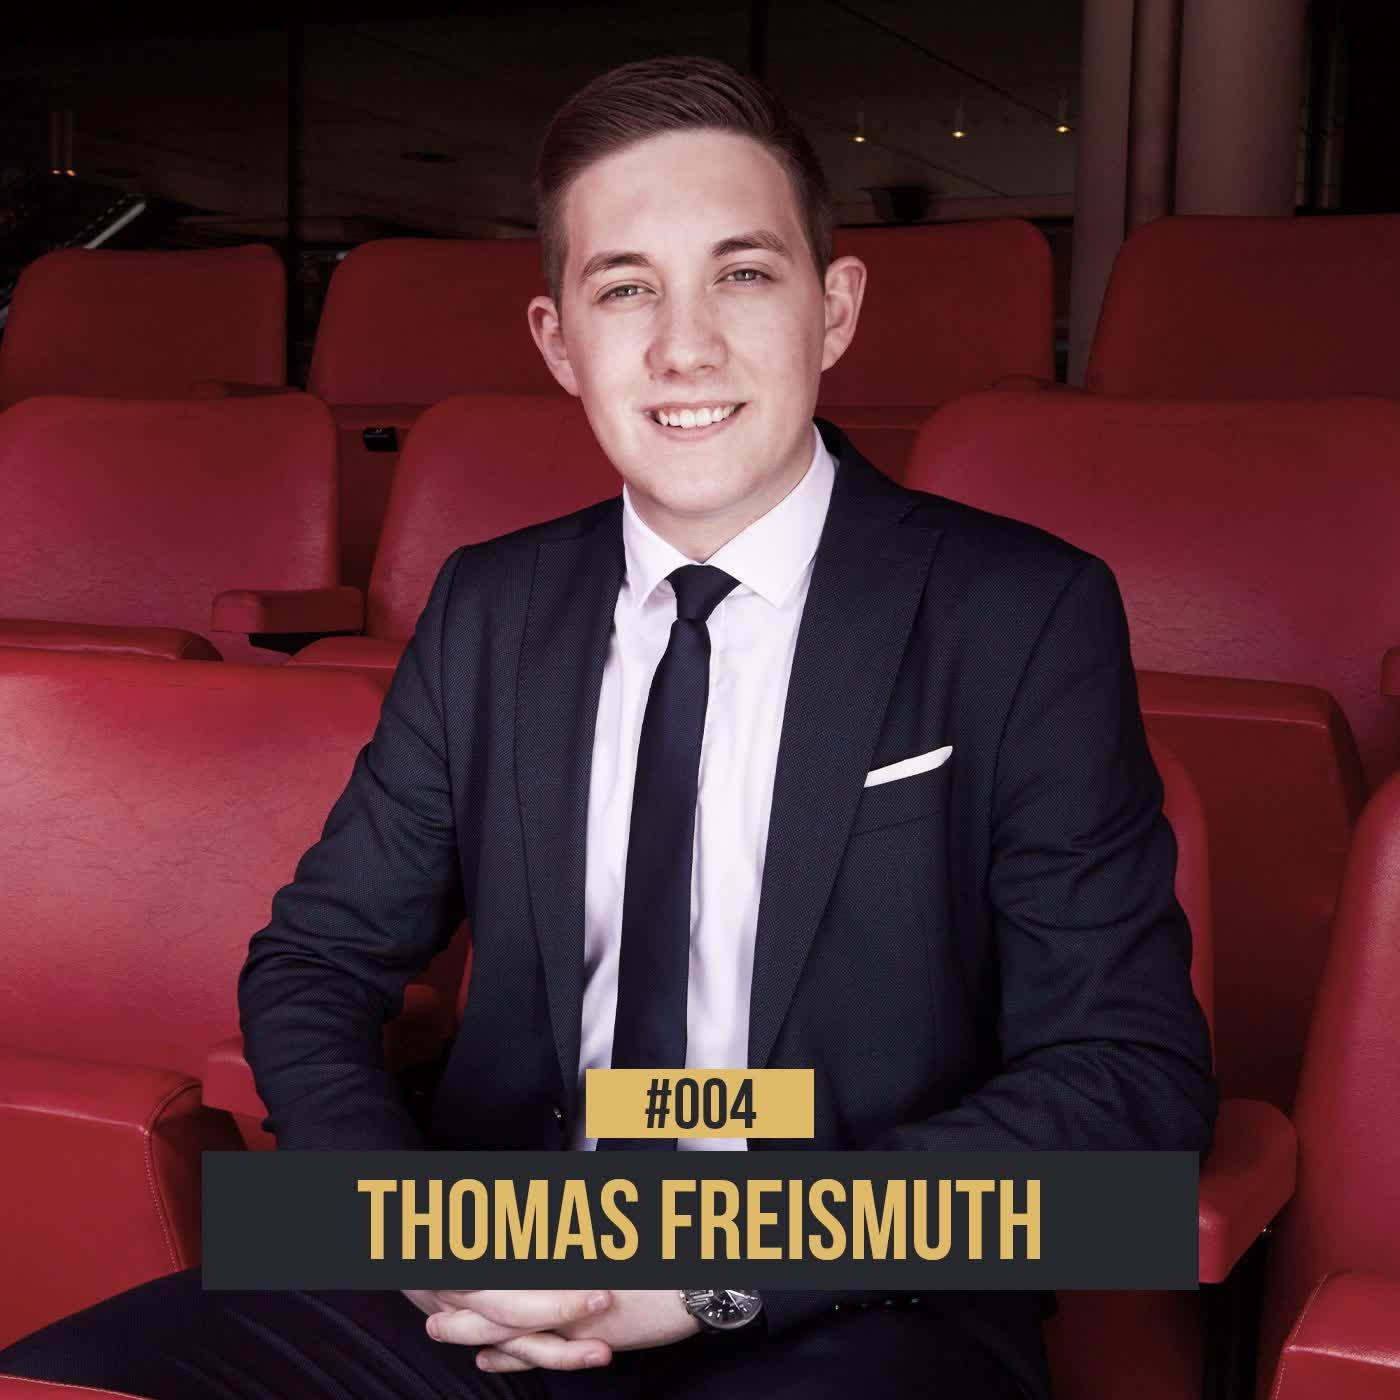 #004 Thomas Freismuth: Österreichs erster Spielervermittler made at Wembley